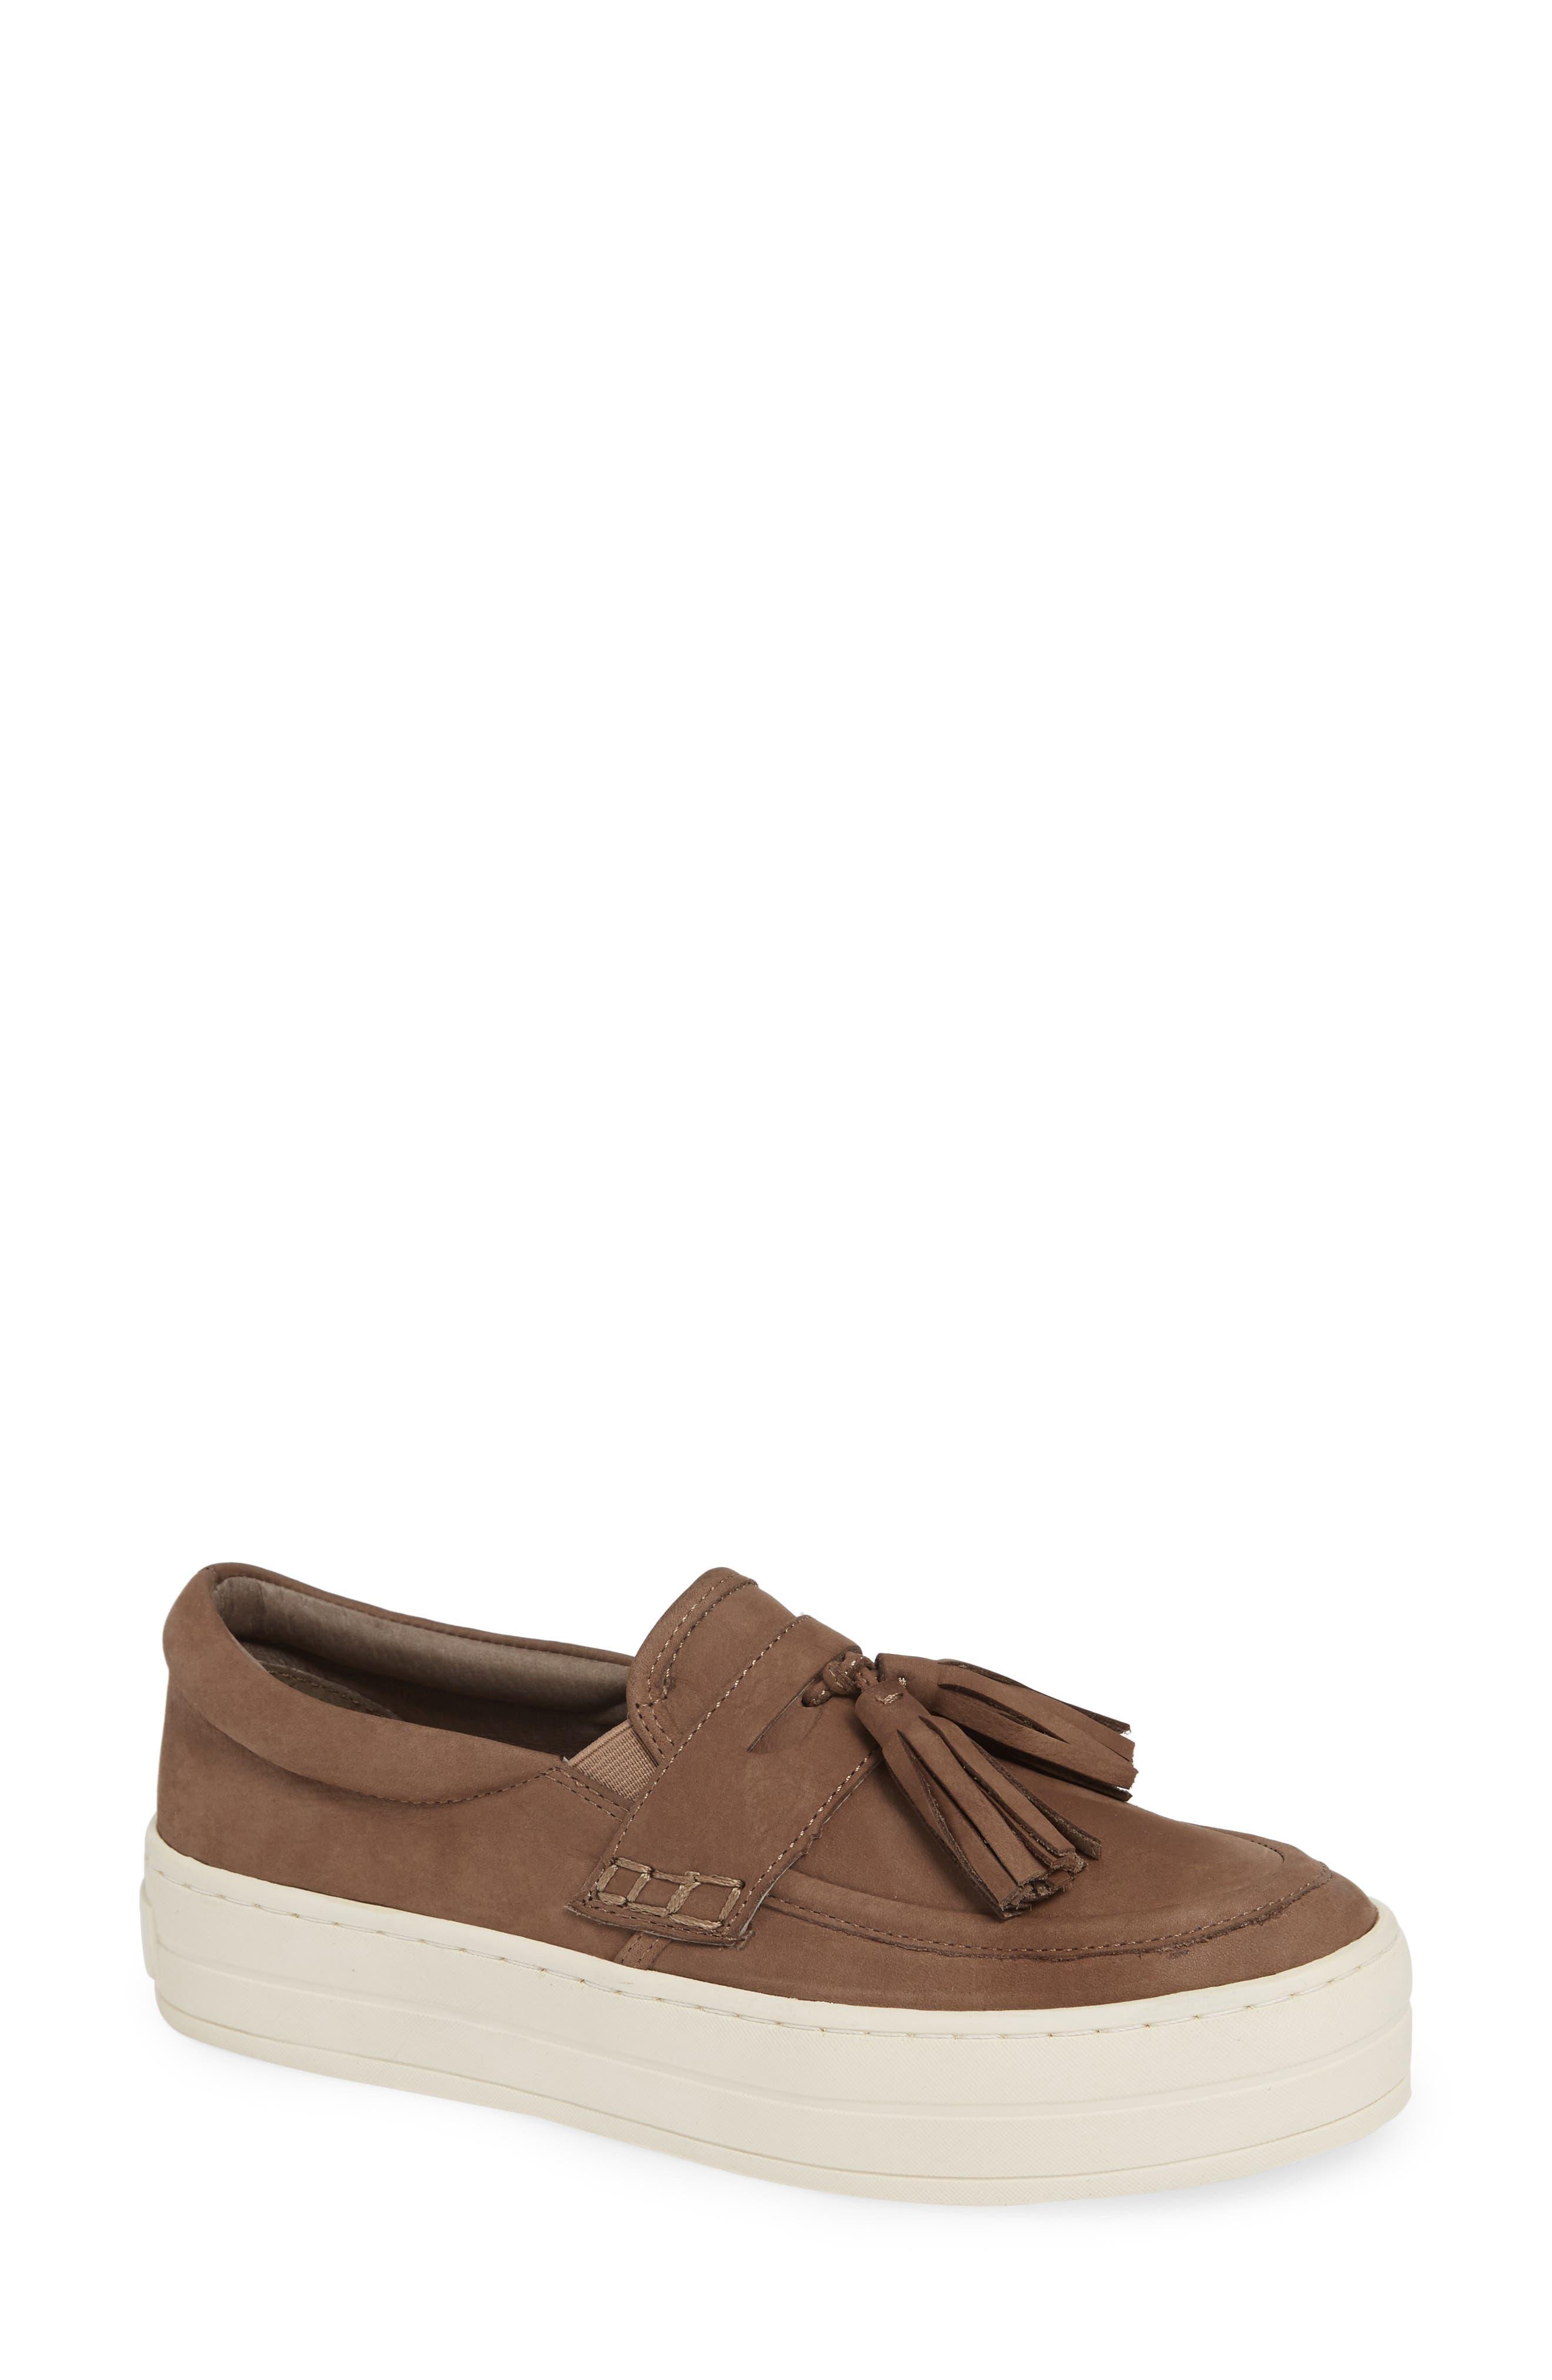 Jslides Hallie Slip-On Sneaker, Beige